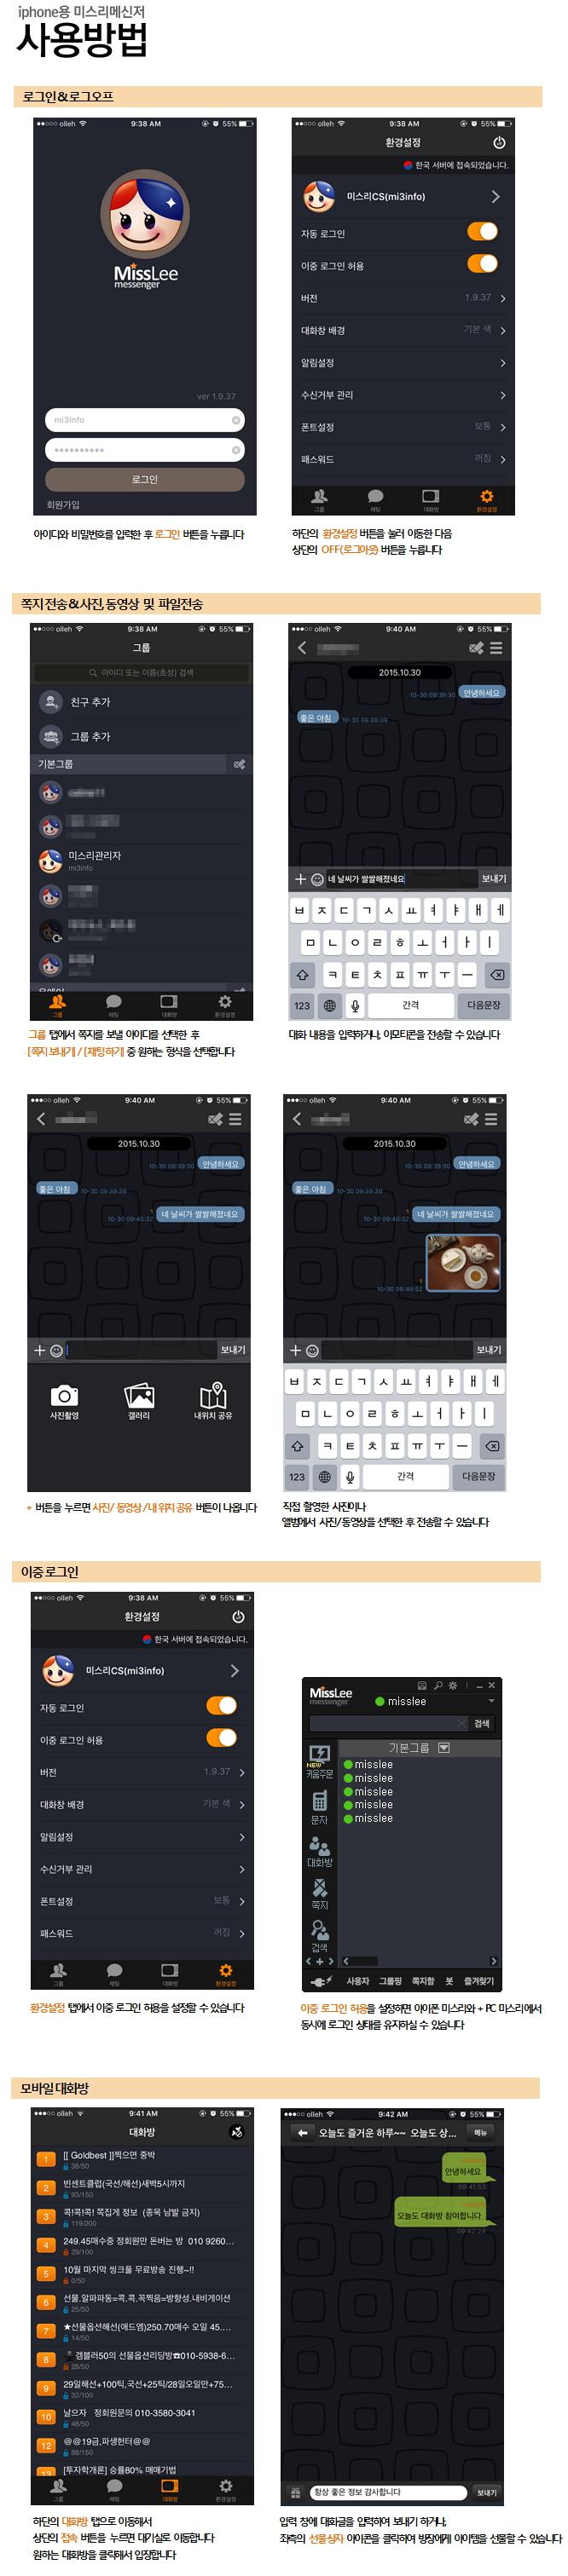 아이폰 미스리_이용방법_최신.jpg